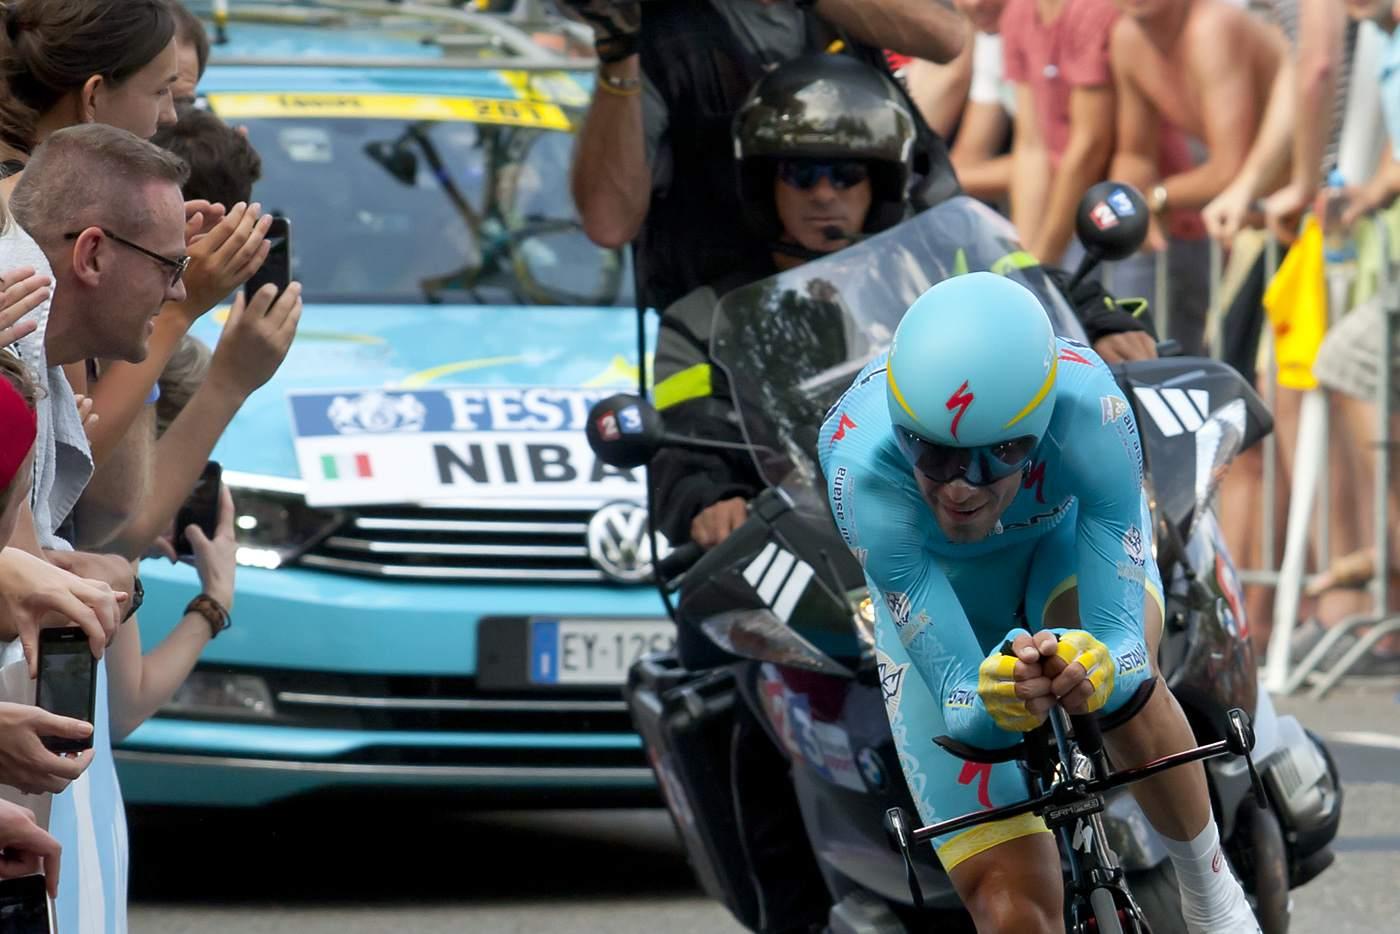 tour france 2015 pictures1 Tour de France 2015 in Pictures